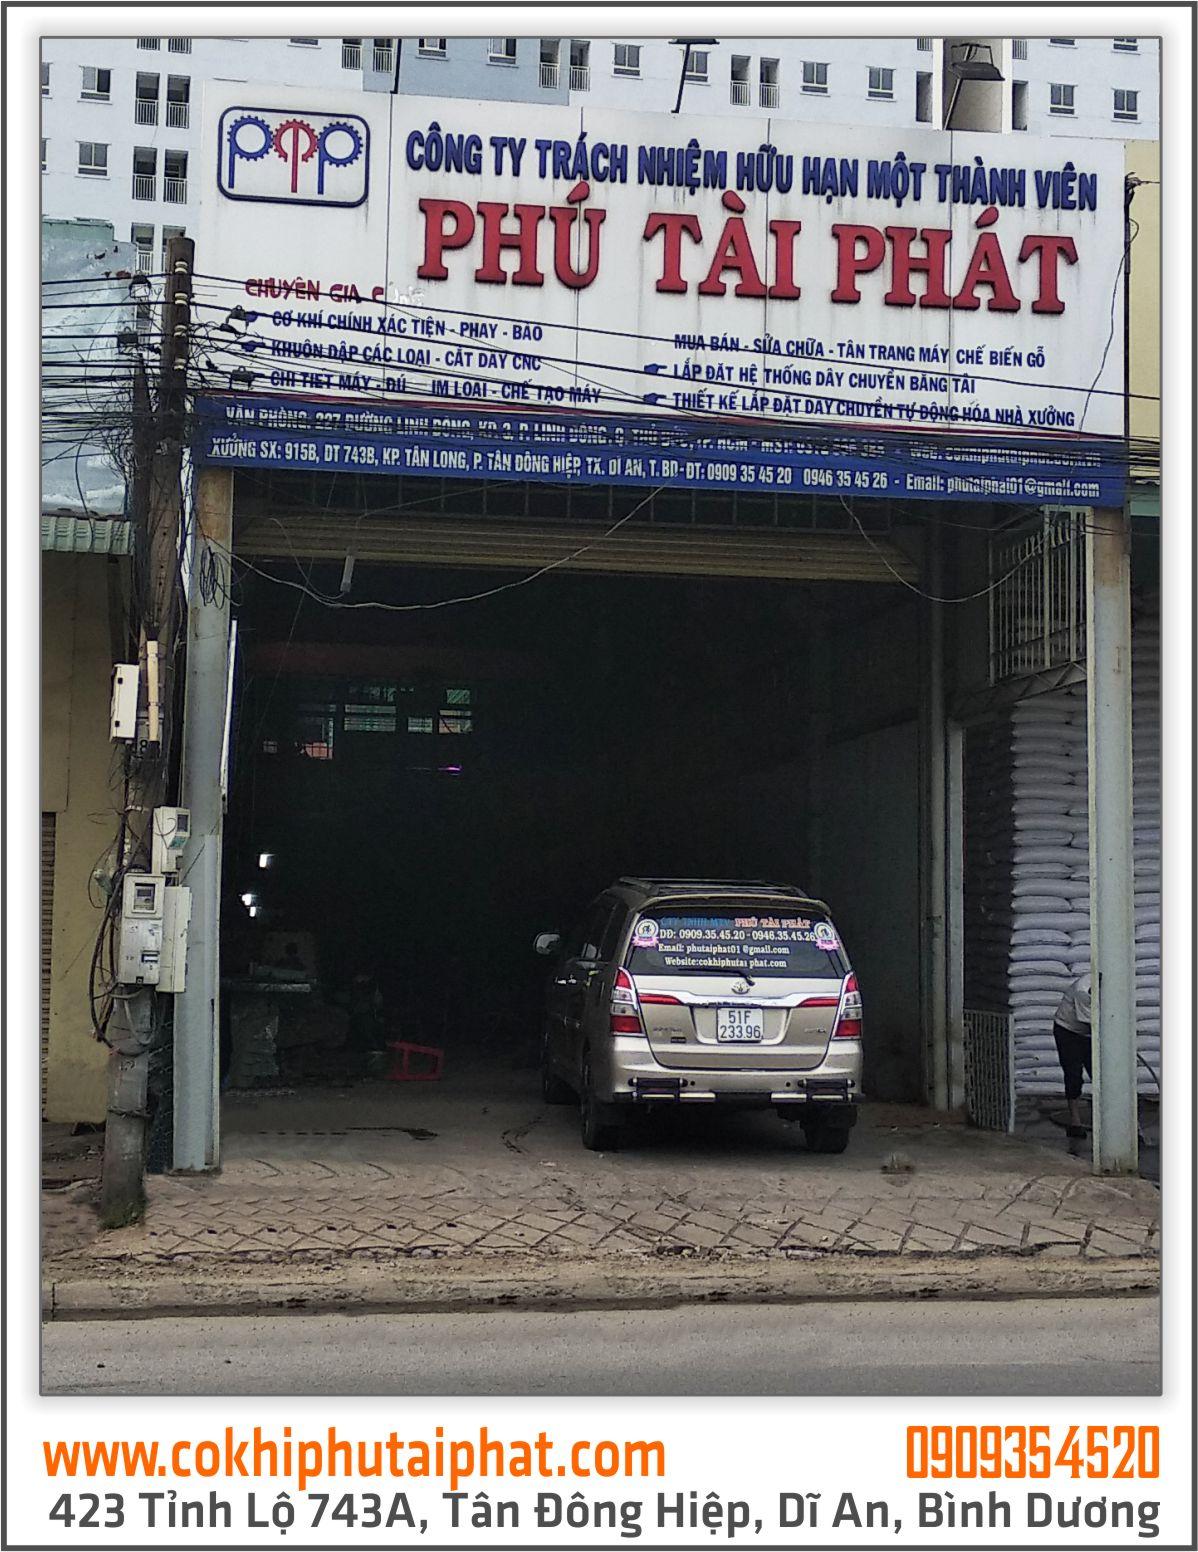 xưởng gia công cơ khí ở bình dương - Phú Tài Phát ở Bình Dương - mec